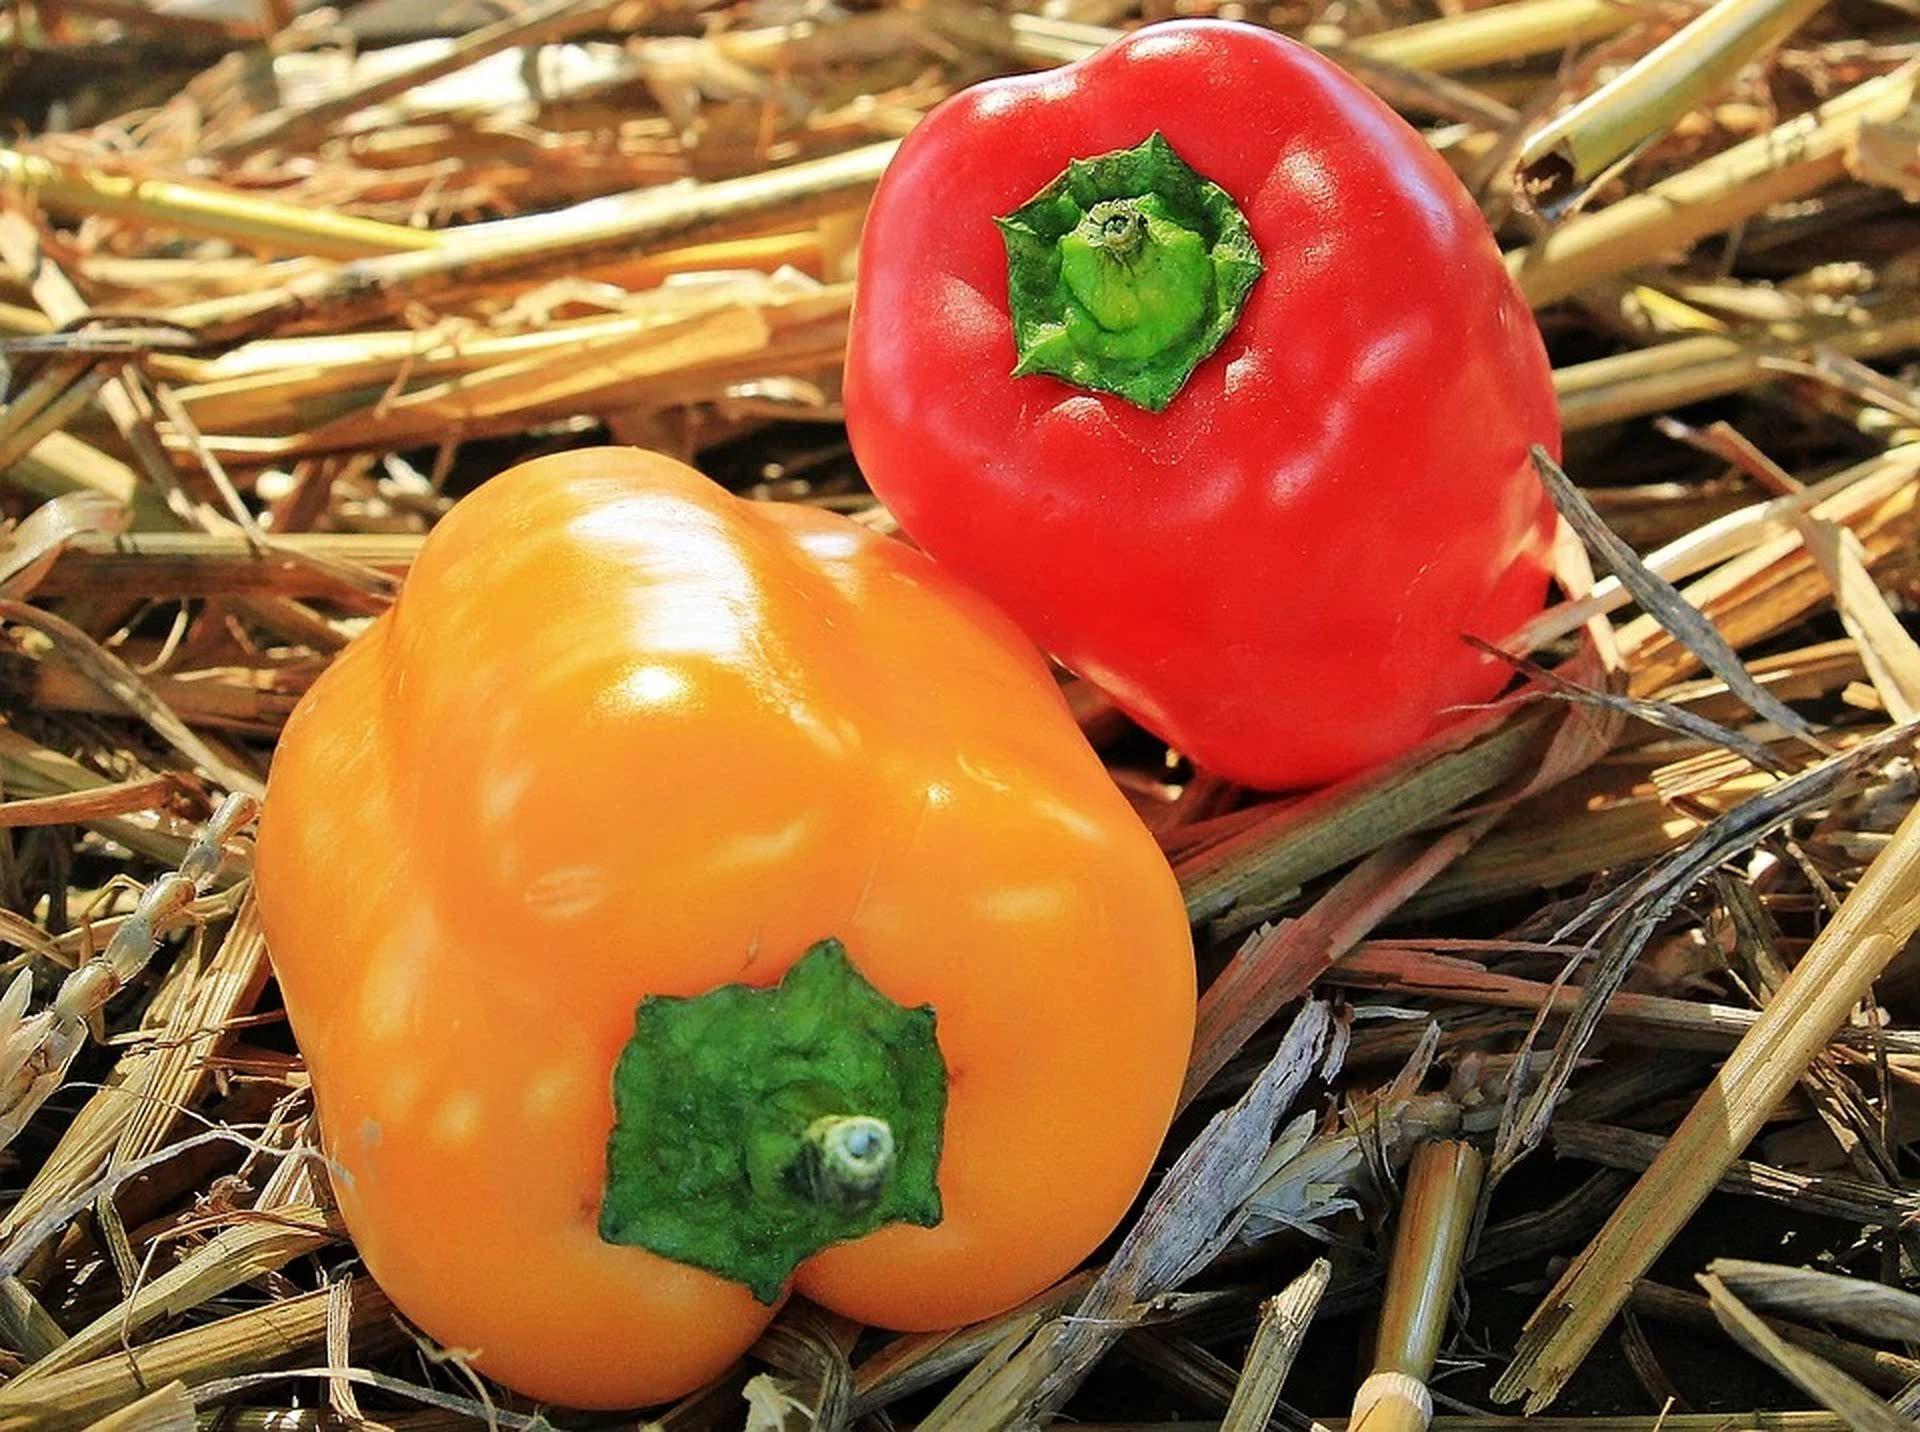 сладкий перец как выращивать